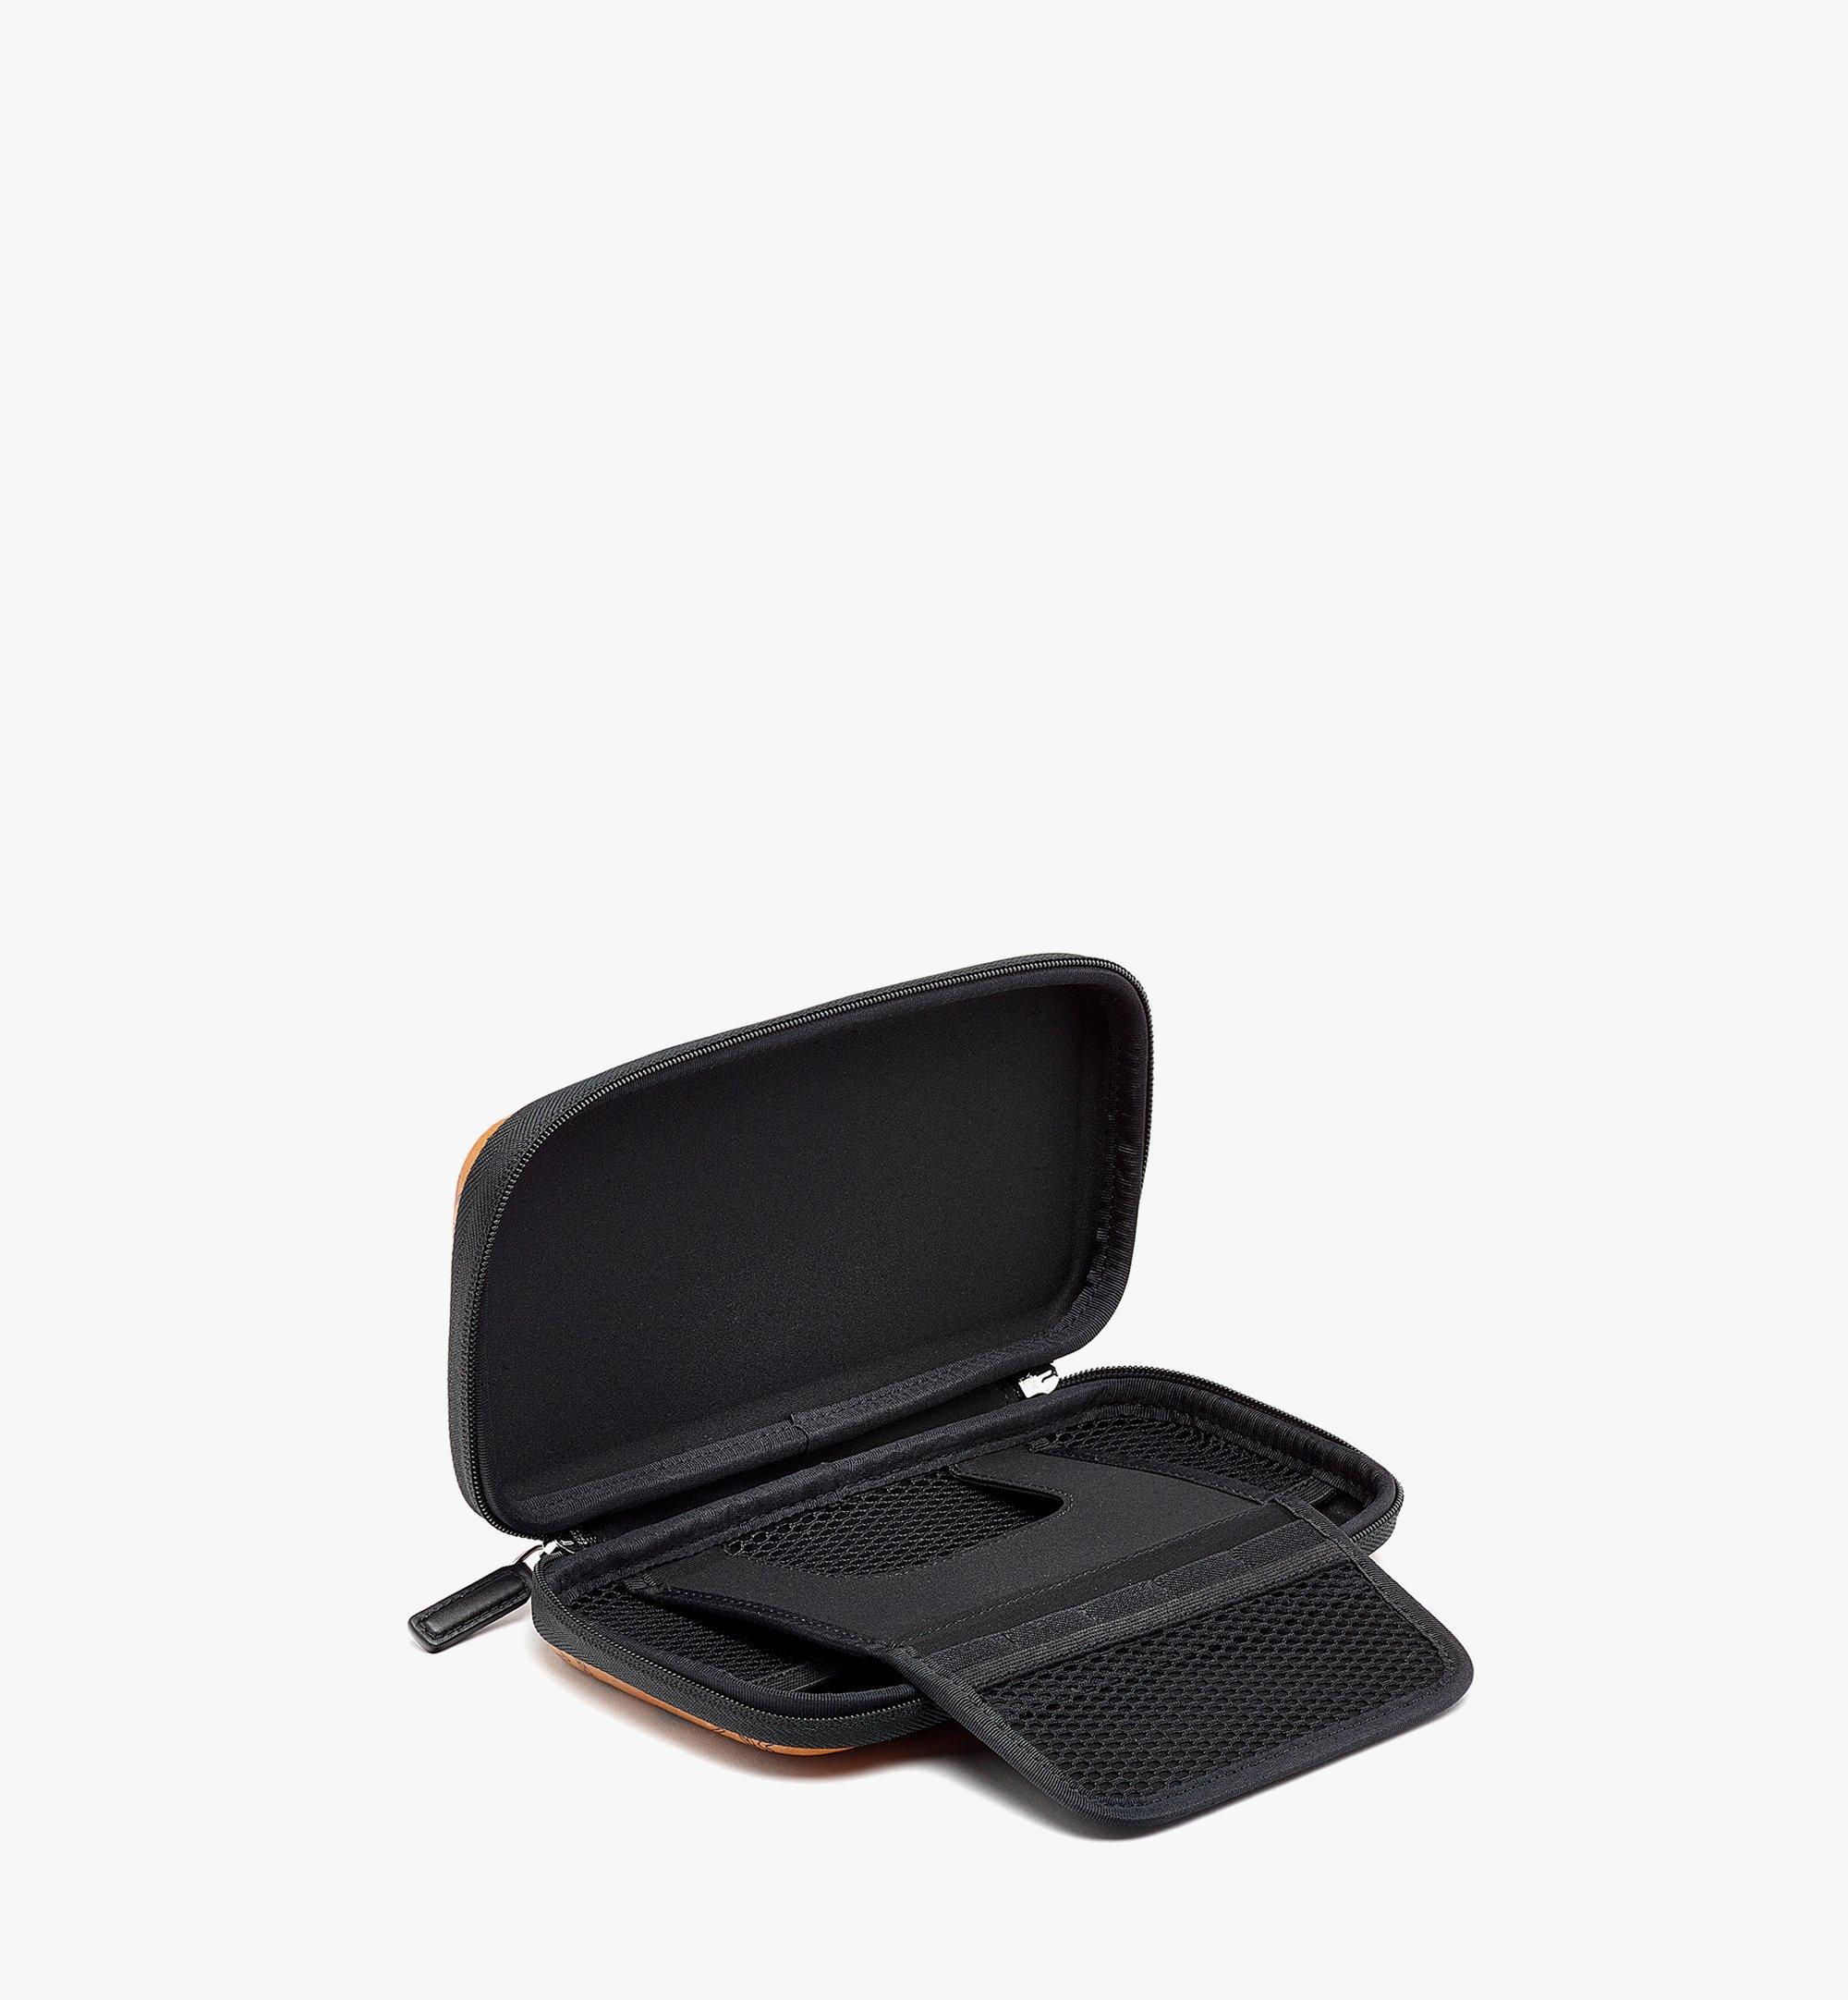 MCM Etui für Spielkonsole mit Handgelenksband Cognac MXZBSVI16CO001 Noch mehr sehen 1